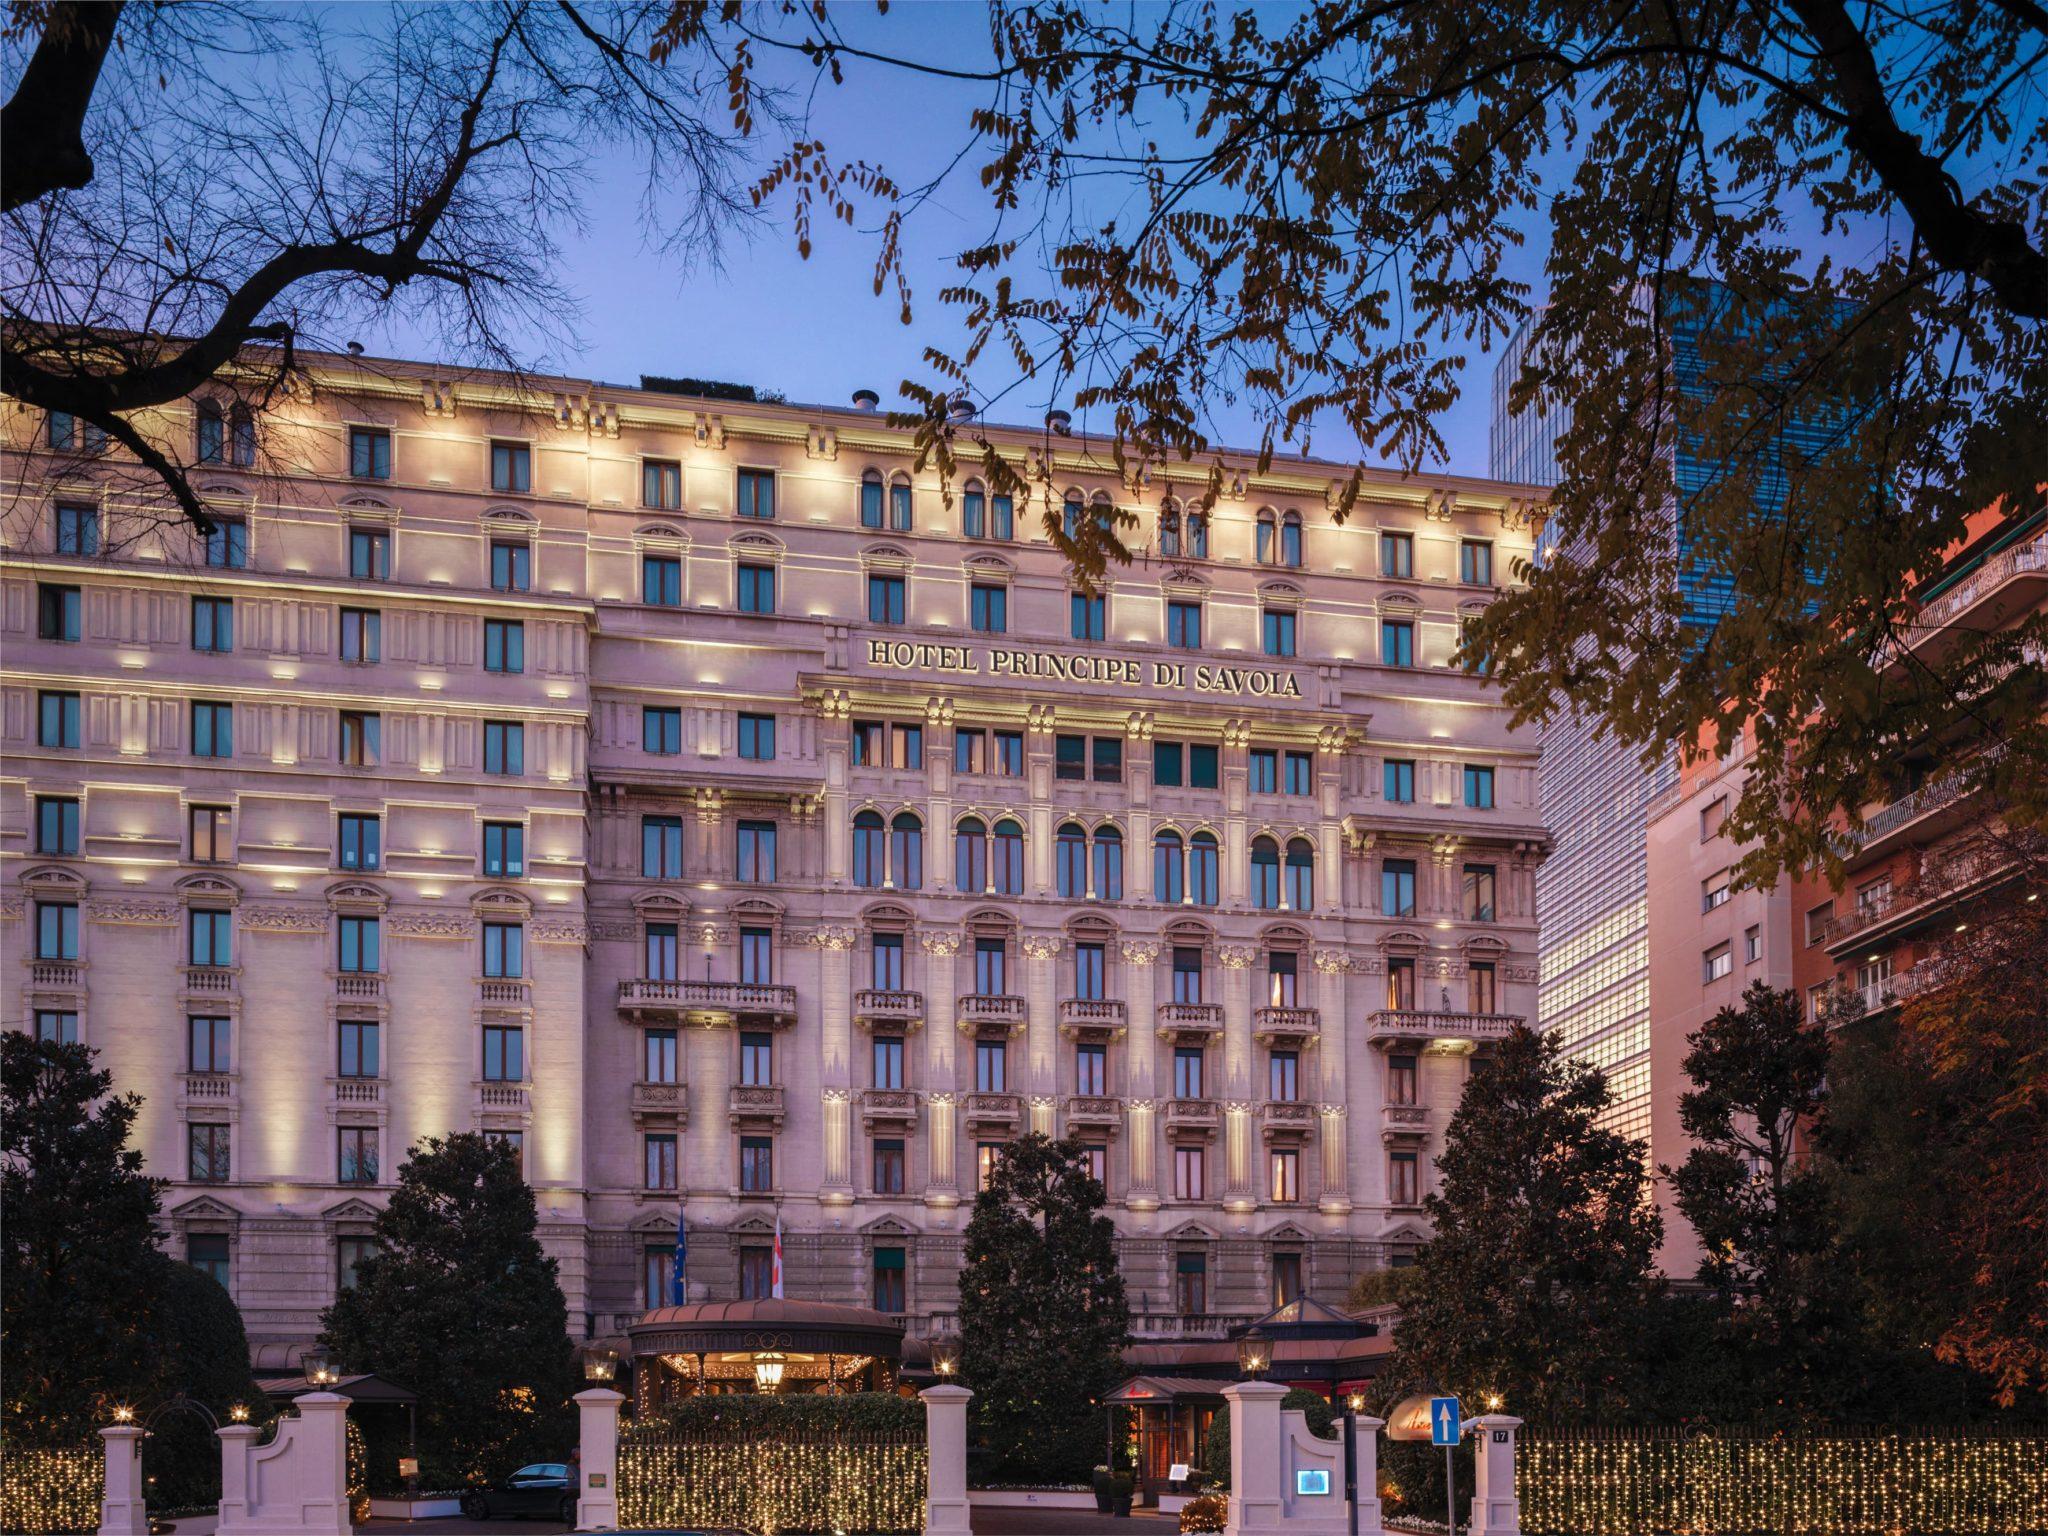 Hotel Principe di Savoia: l'indirizzo ideale per una pausa invernale in città